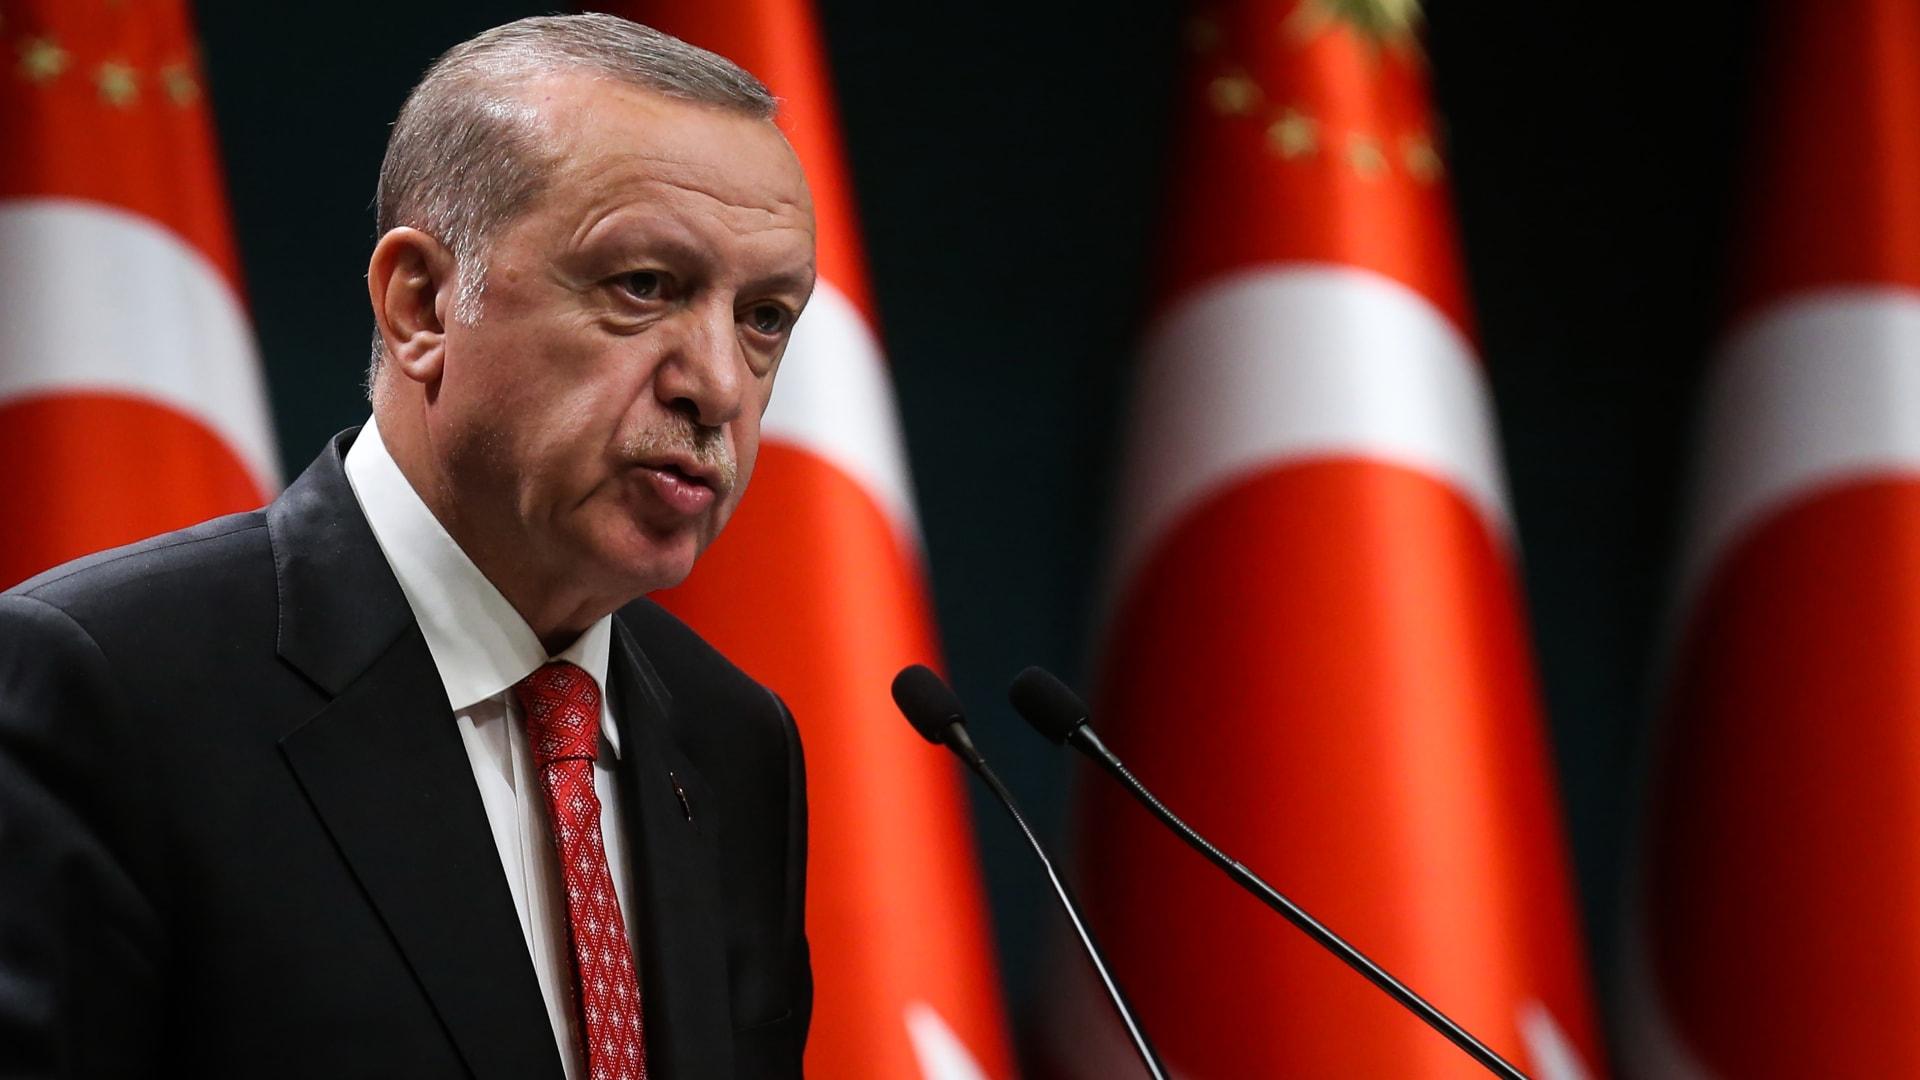 """أردوغان يسعى لاعتراف دولي بـ""""قبرص التركية"""".. ومقاتلاته ترسم الهلال والنجمة في سمائها"""